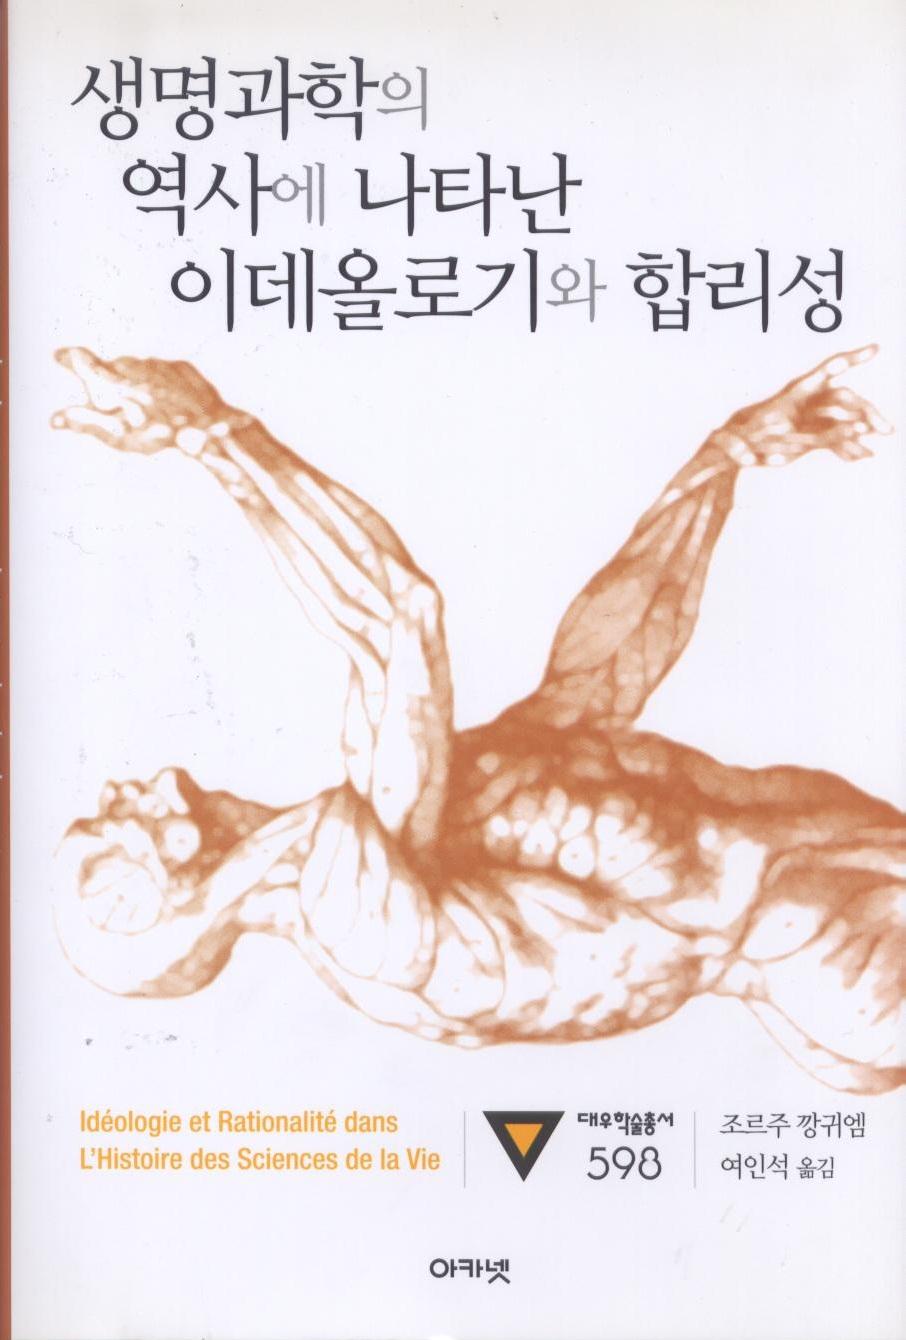 대우재단 대우학술총서 제598권 생명과학의 역사에 나타난 이데올로기와 합리성 written by 여인석 and published by 아카넷 in 2010